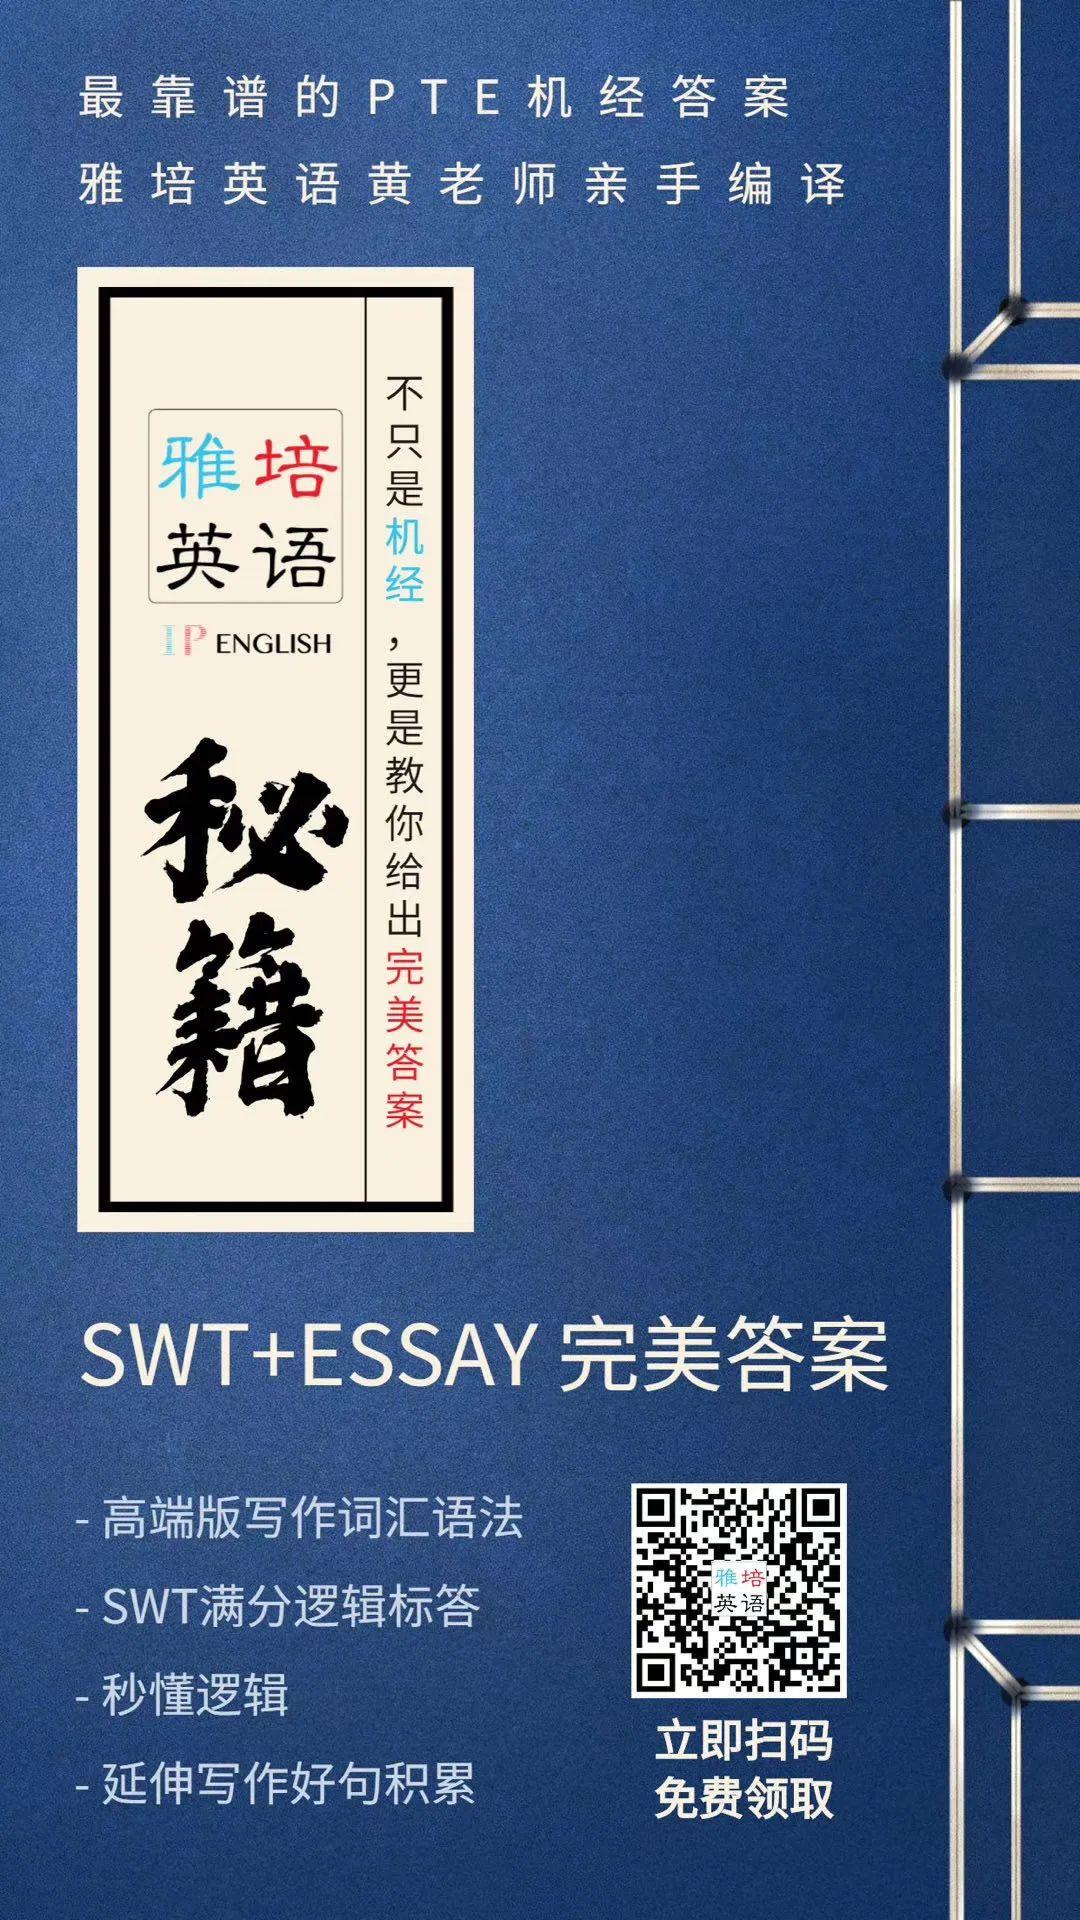 免费领取雅培原创PTE SWT+ESSAY完美机经答案,不只是机经,更是教你写出【完美答案】